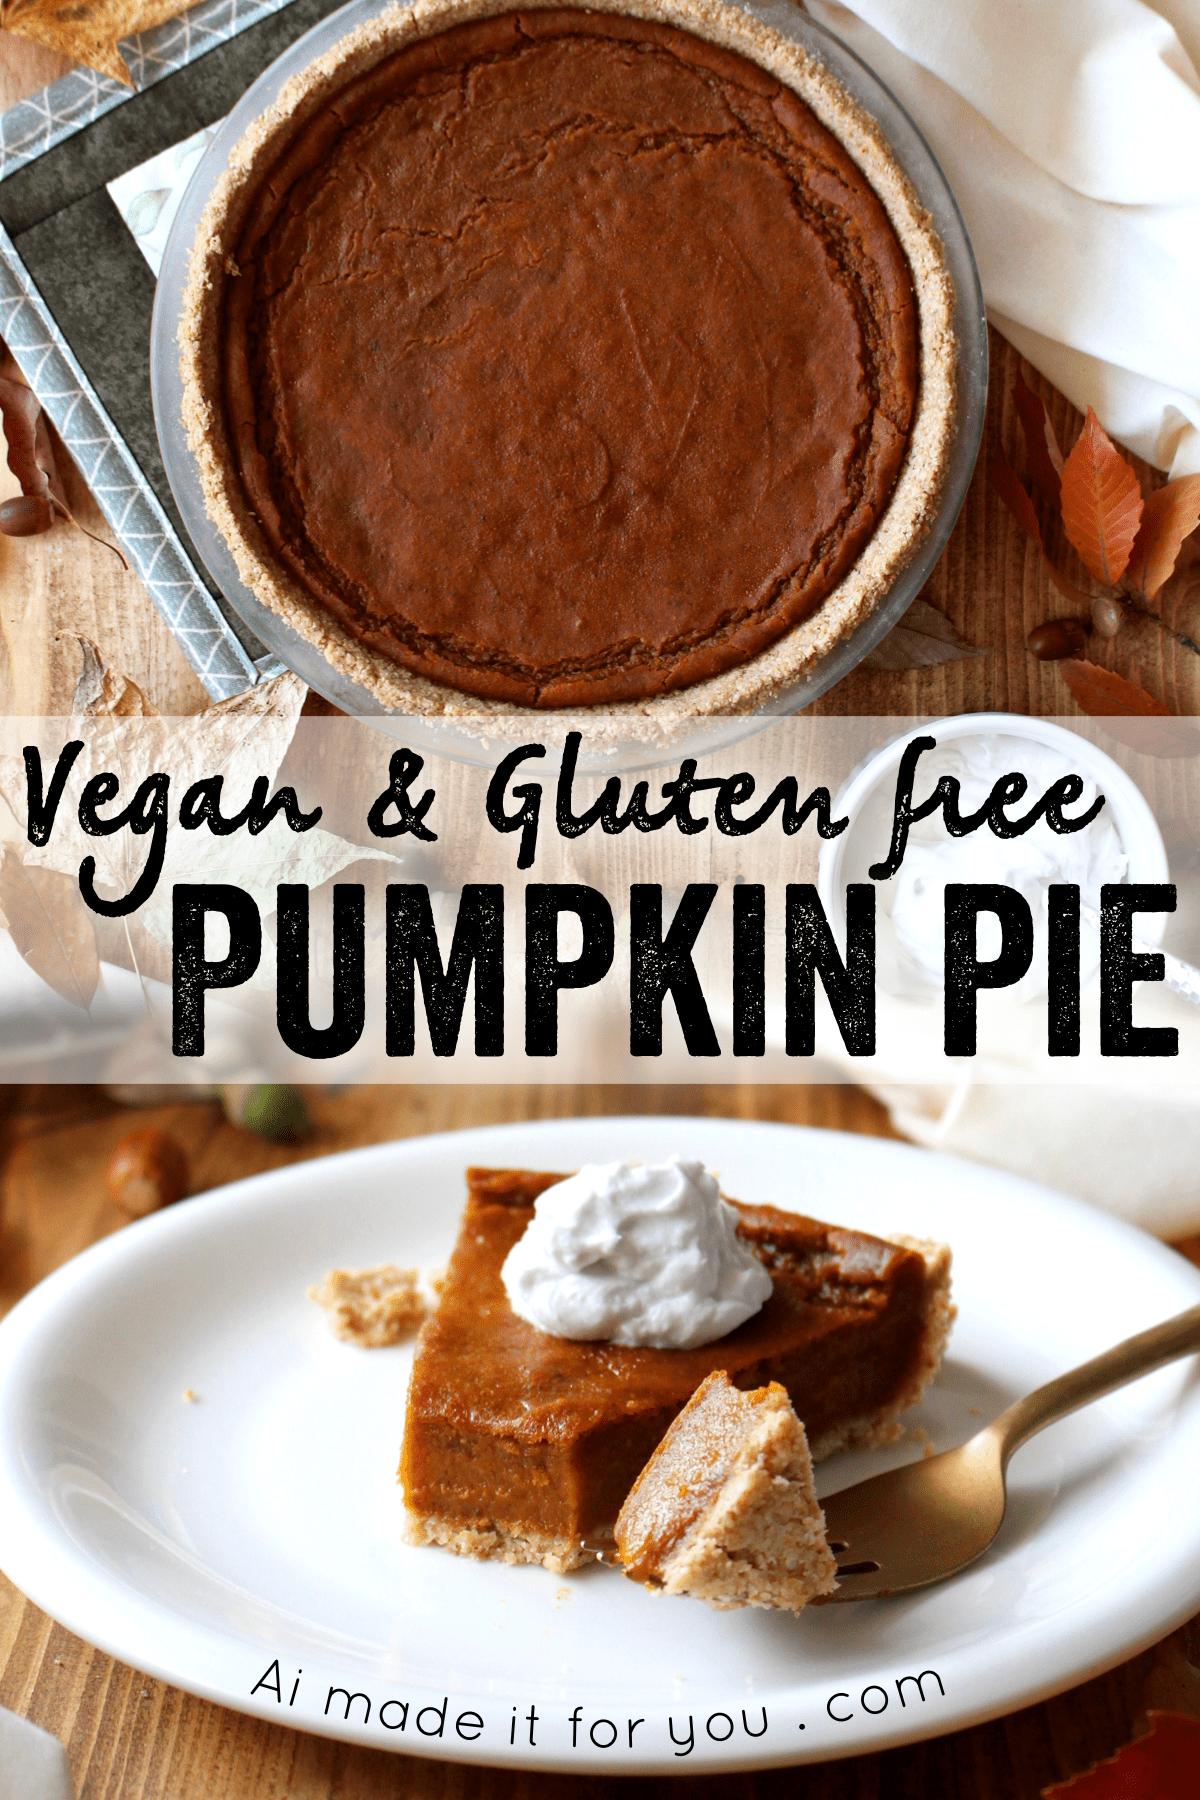 Vegan Pumpkin Pie Gluten Free Recipe Ai Made It For You Recipe Vegan Pumpkin Pie Vegan Pumpkin Pie Recipe Vegan Pumpkin